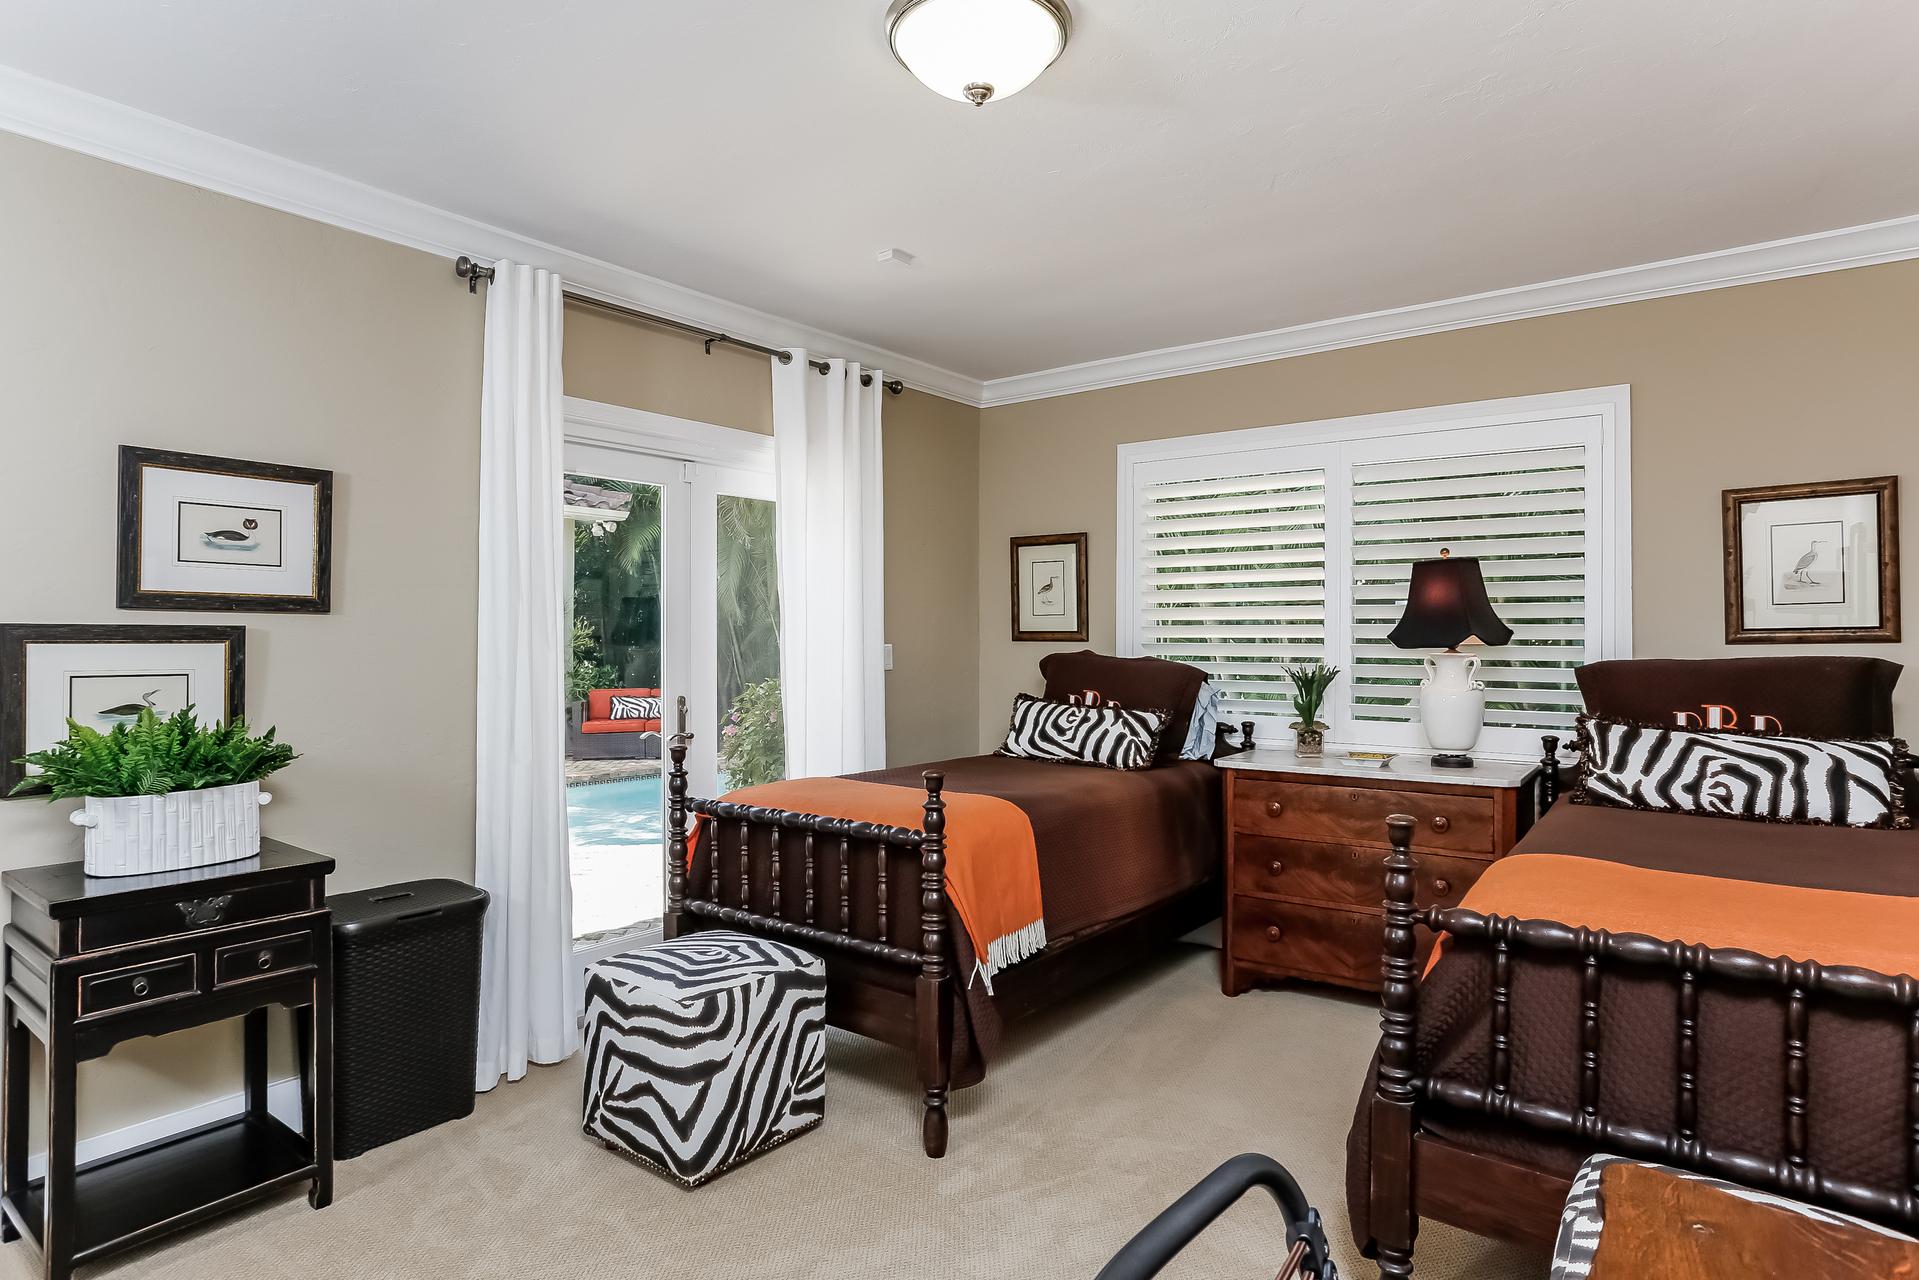 030-Bedroom-2647607-medium.jpg